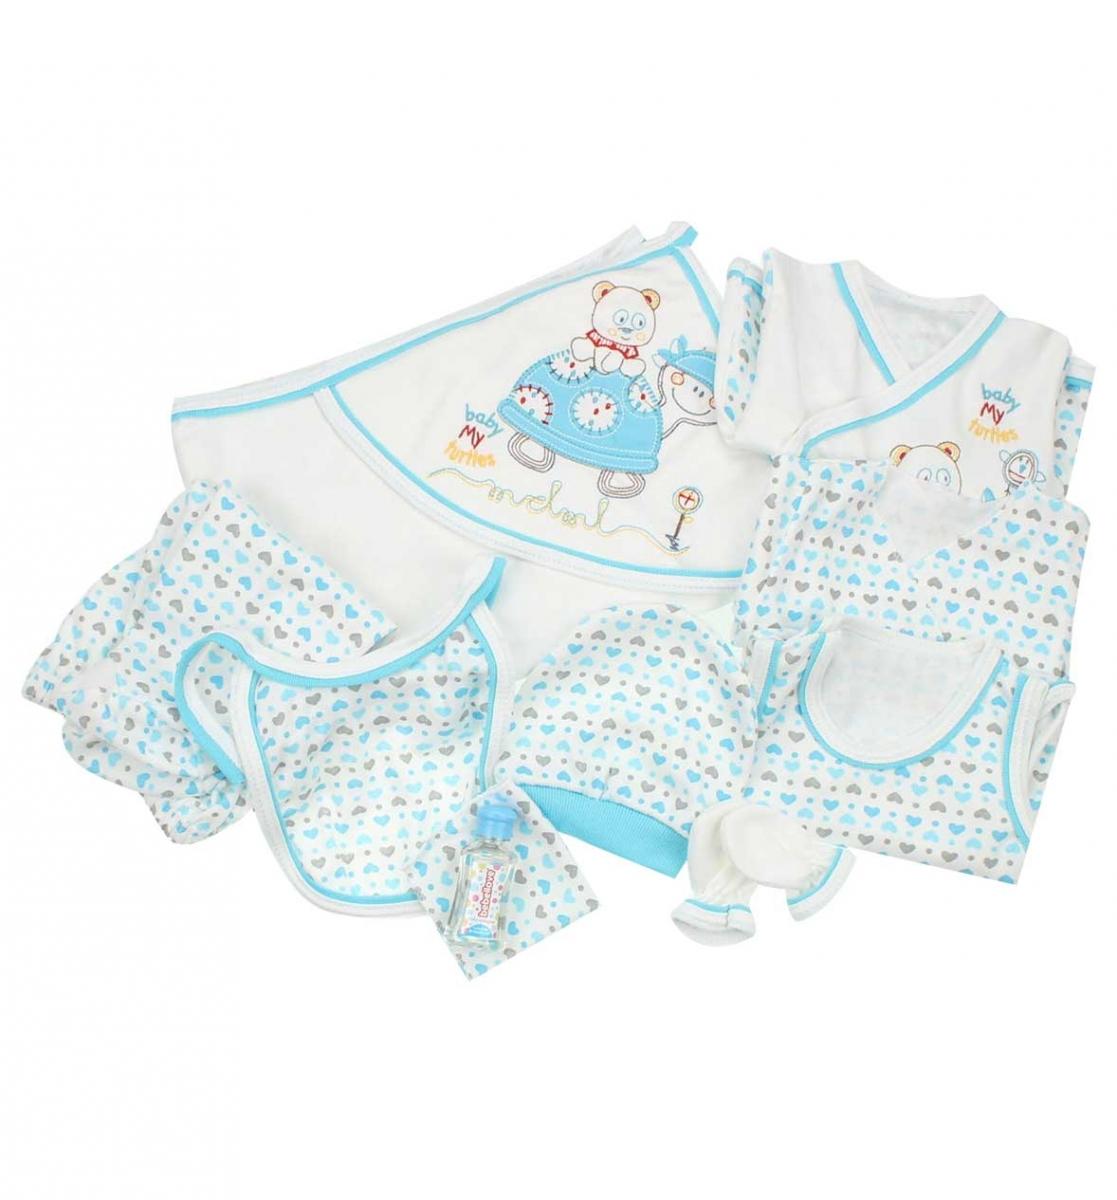 Bebellove Erkek Bebek 10 lu Hastane Çıkışı 019-1013-037